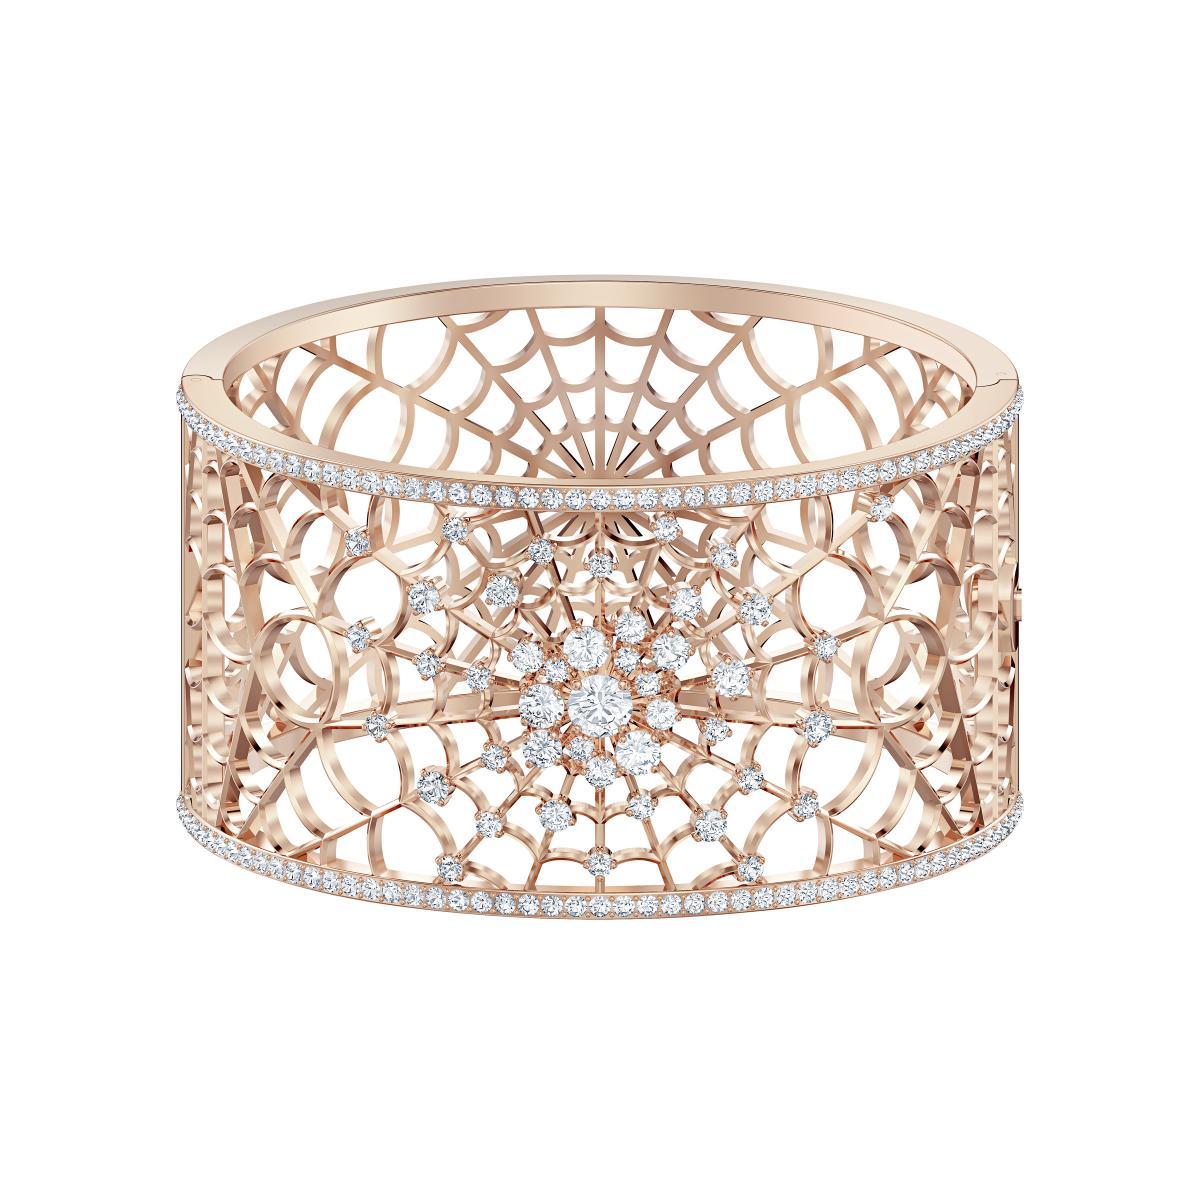 Swarovski authentique bracelet Circle métal rhodié neuf